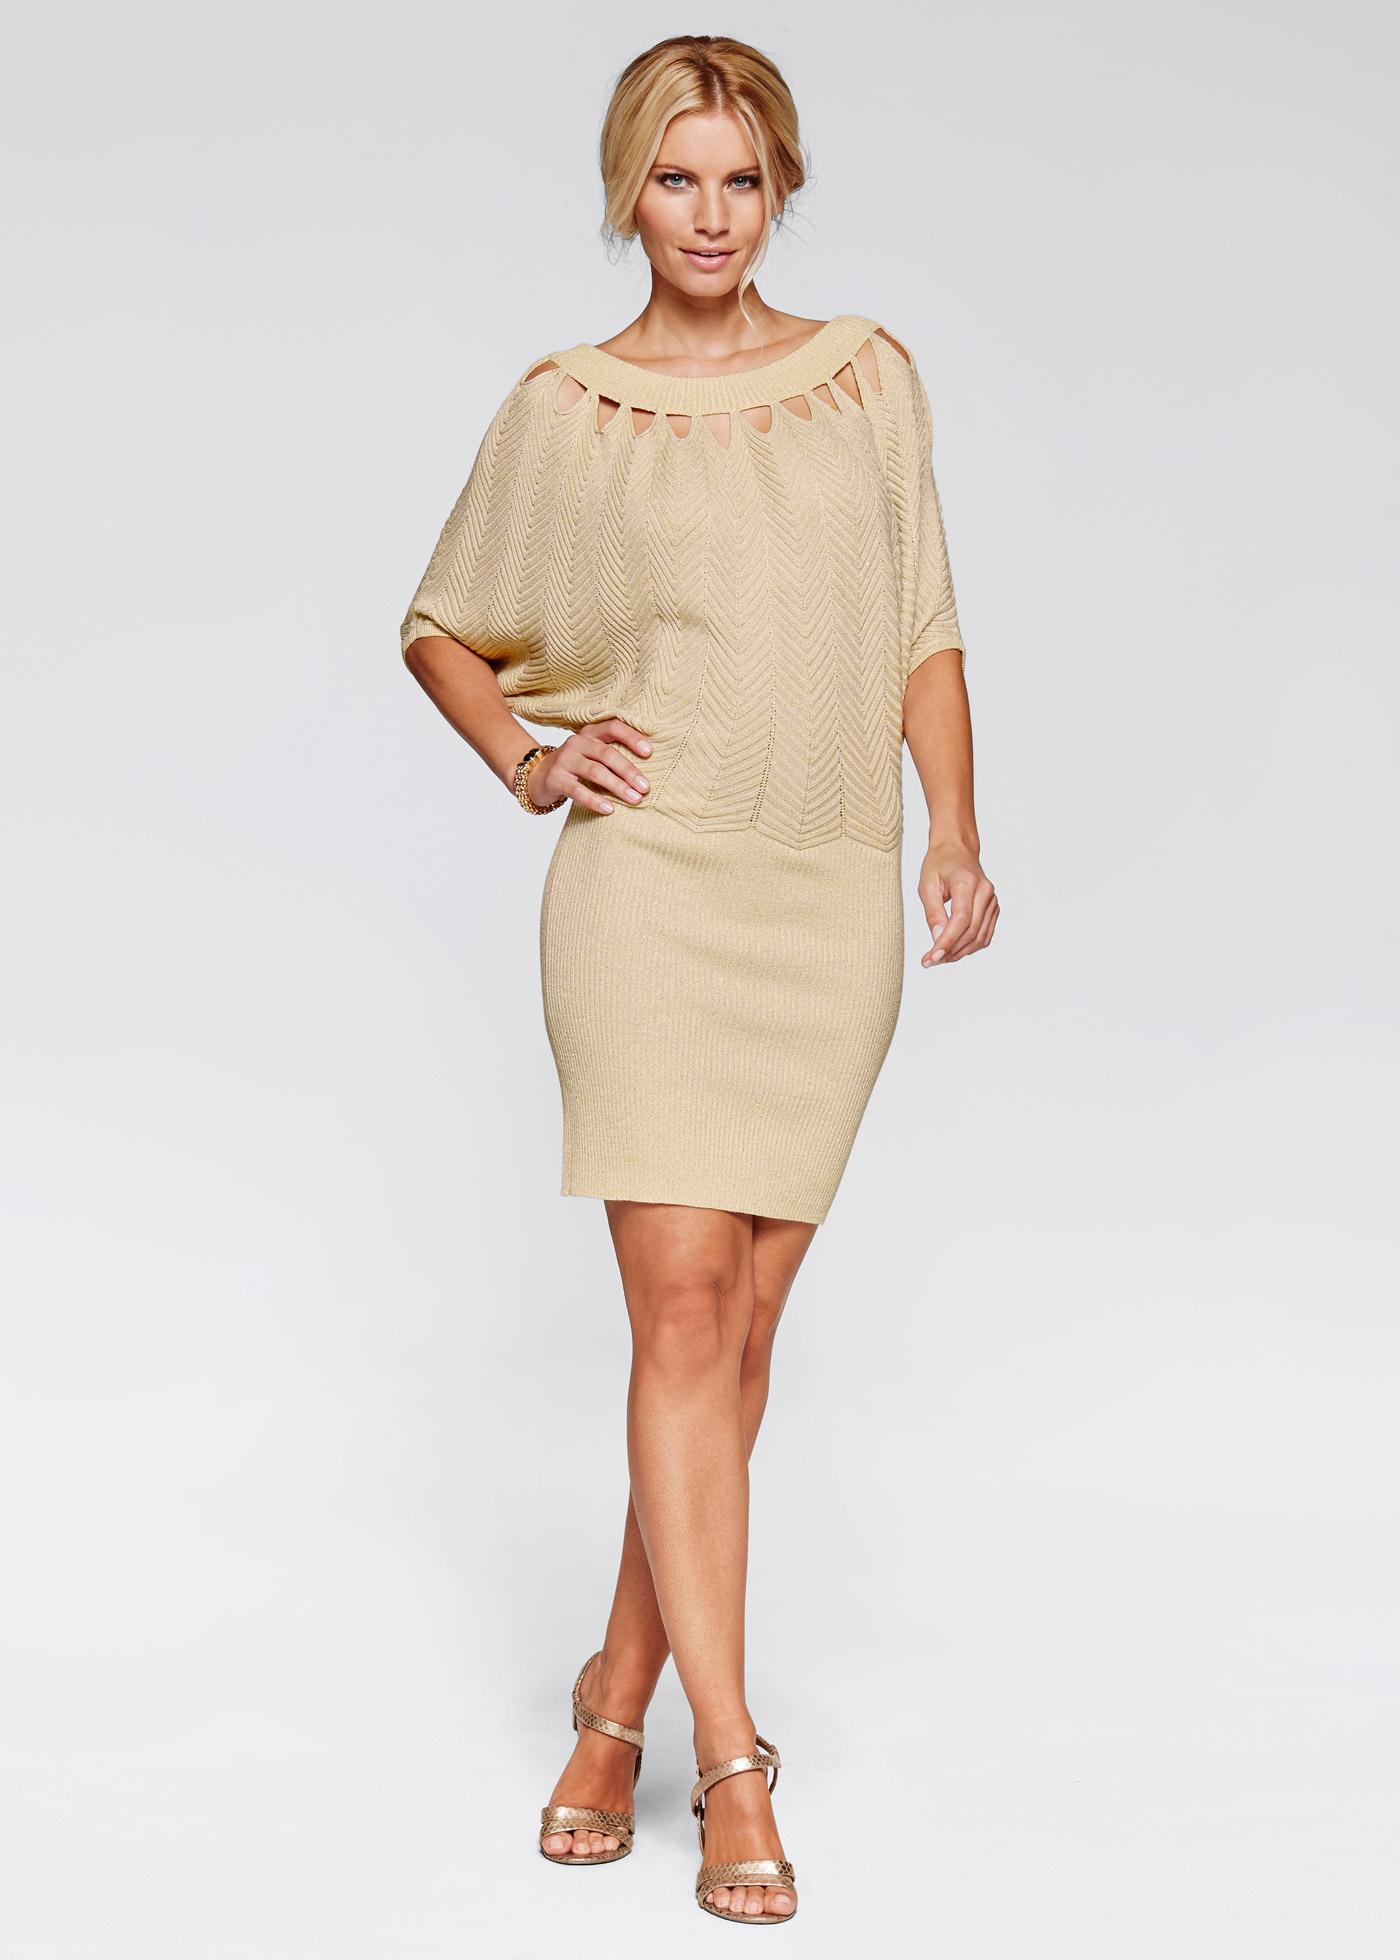 Klänning, BODYFLIRT boutique, beige/guld